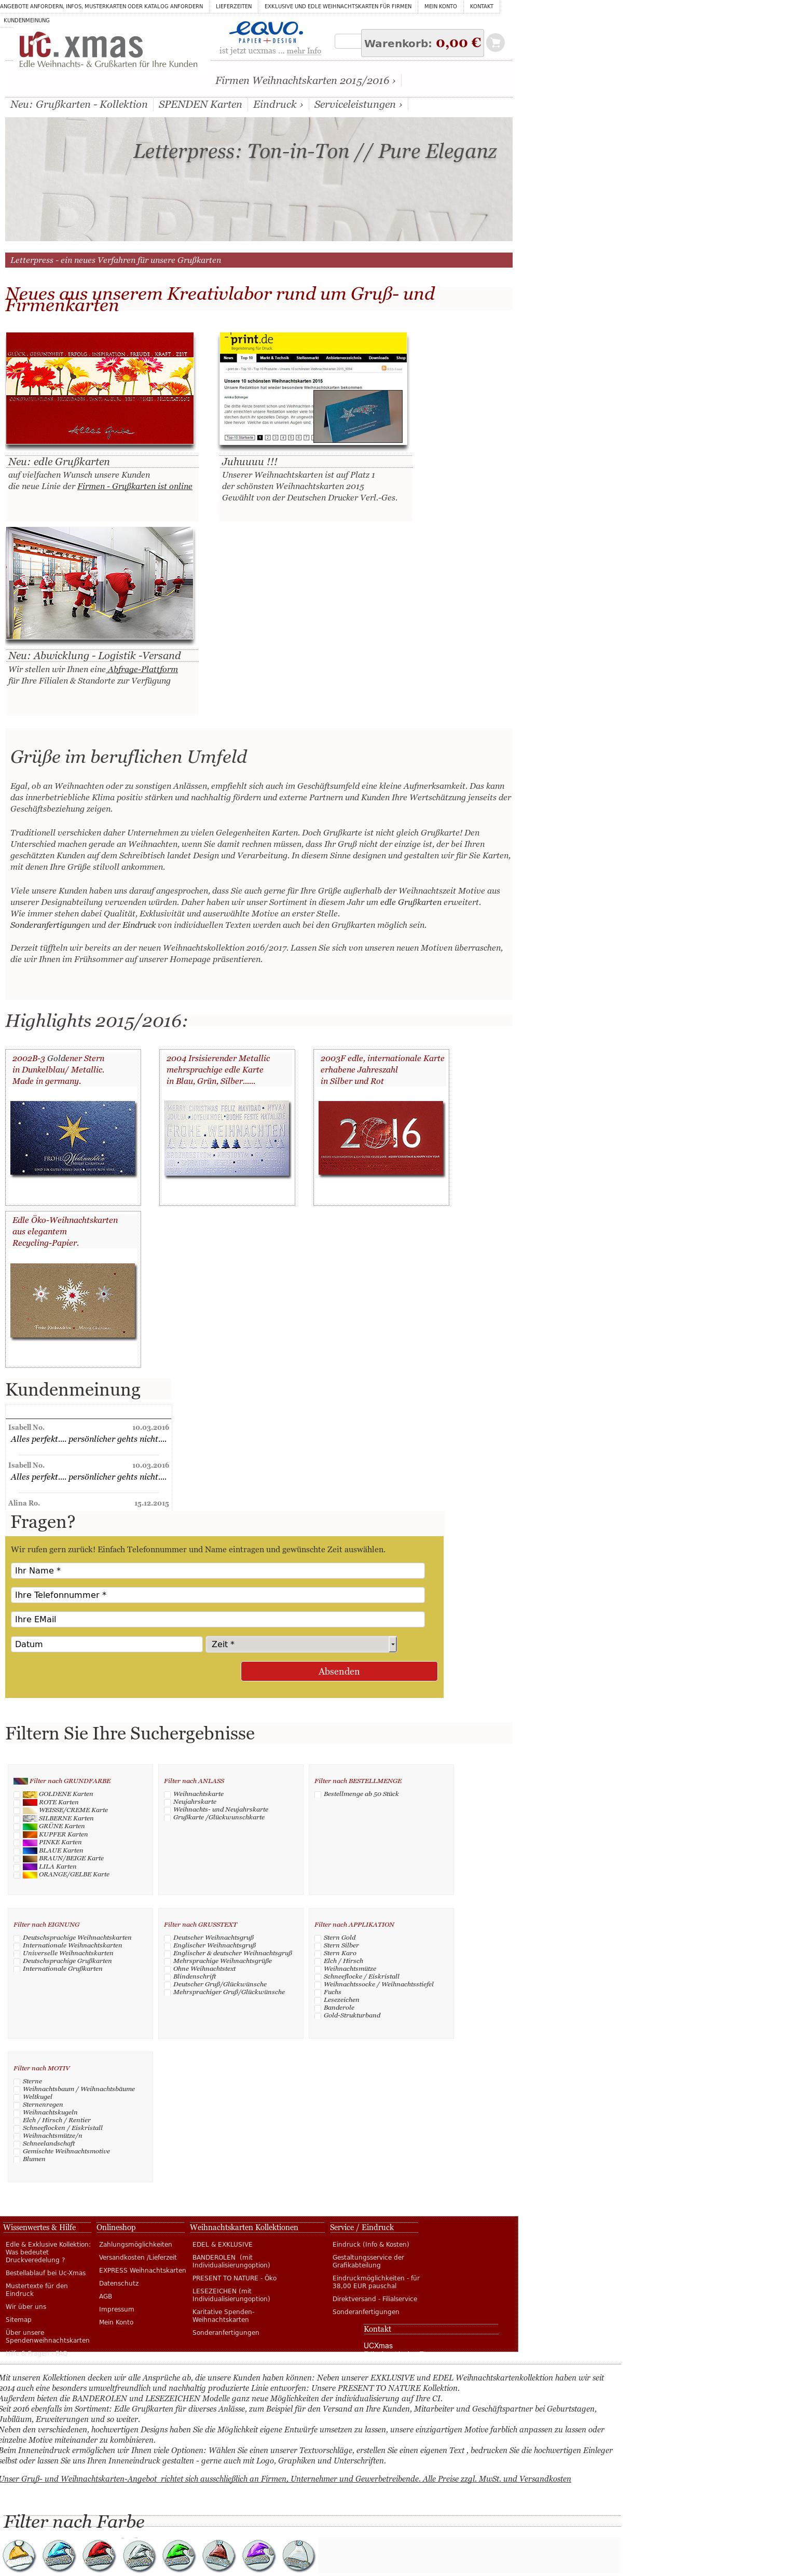 Weihnachtskarten Katalog.Weihnachtskarten Ucxmas Competitors Revenue And Employees Owler